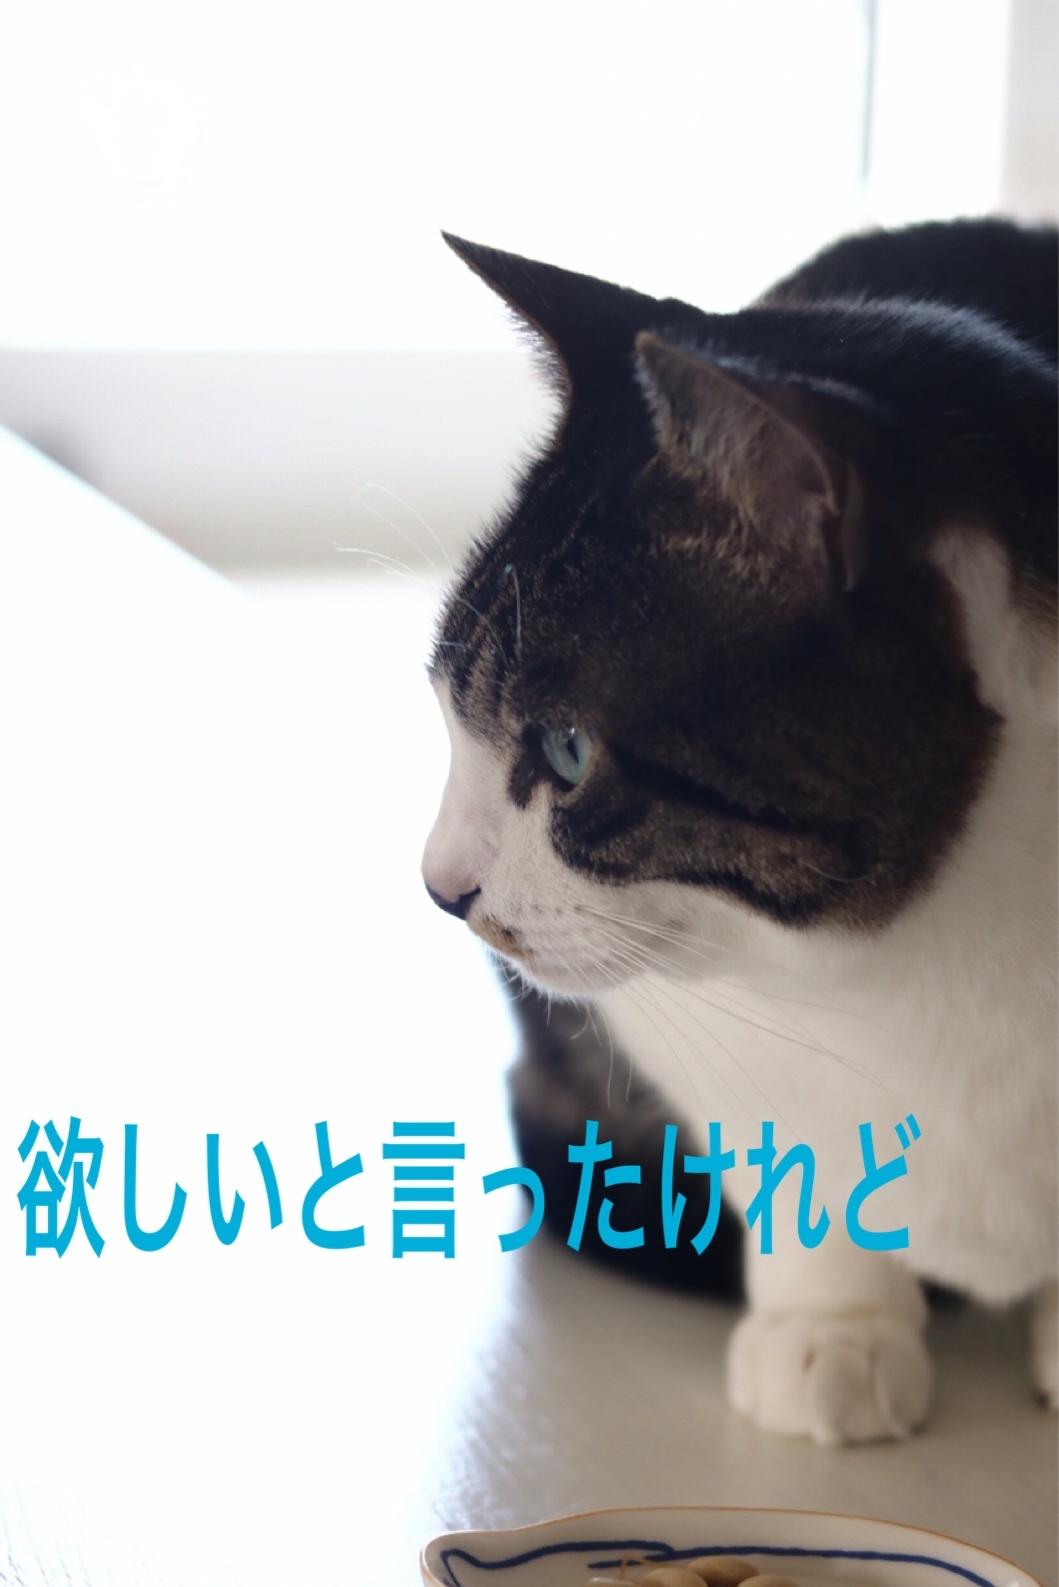 にゃんこ劇場「豆は食わねど」_c0366722_10412002.jpeg